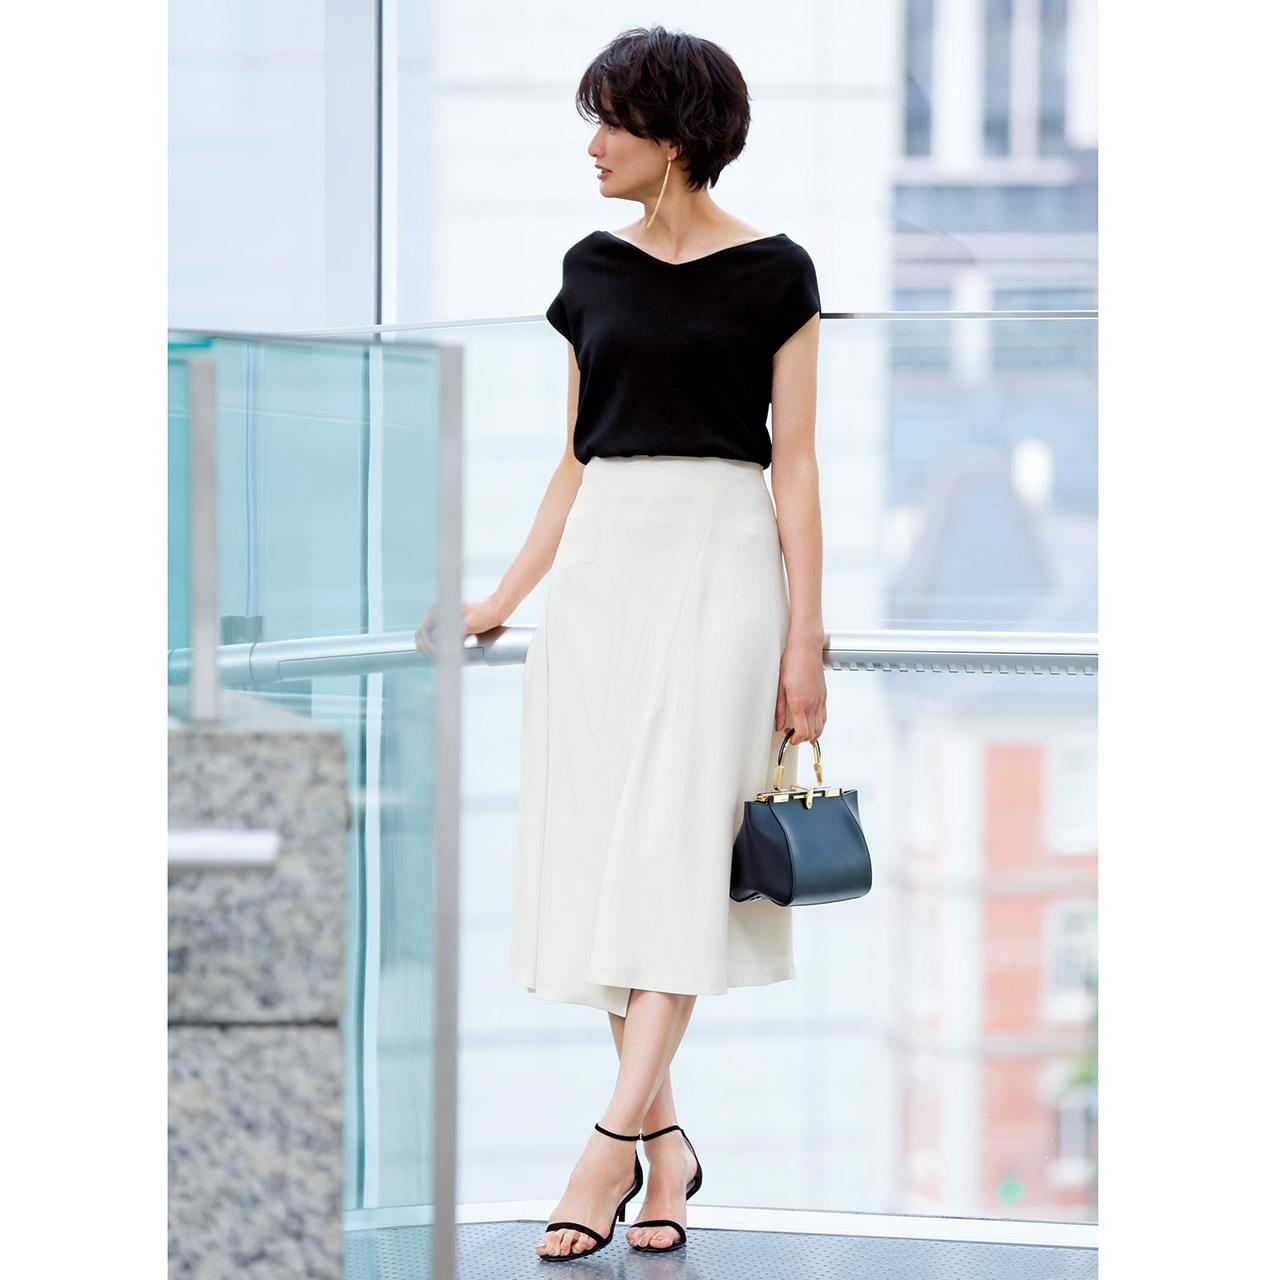 黒ニット×白フレアスカートでモノトーンコーデ